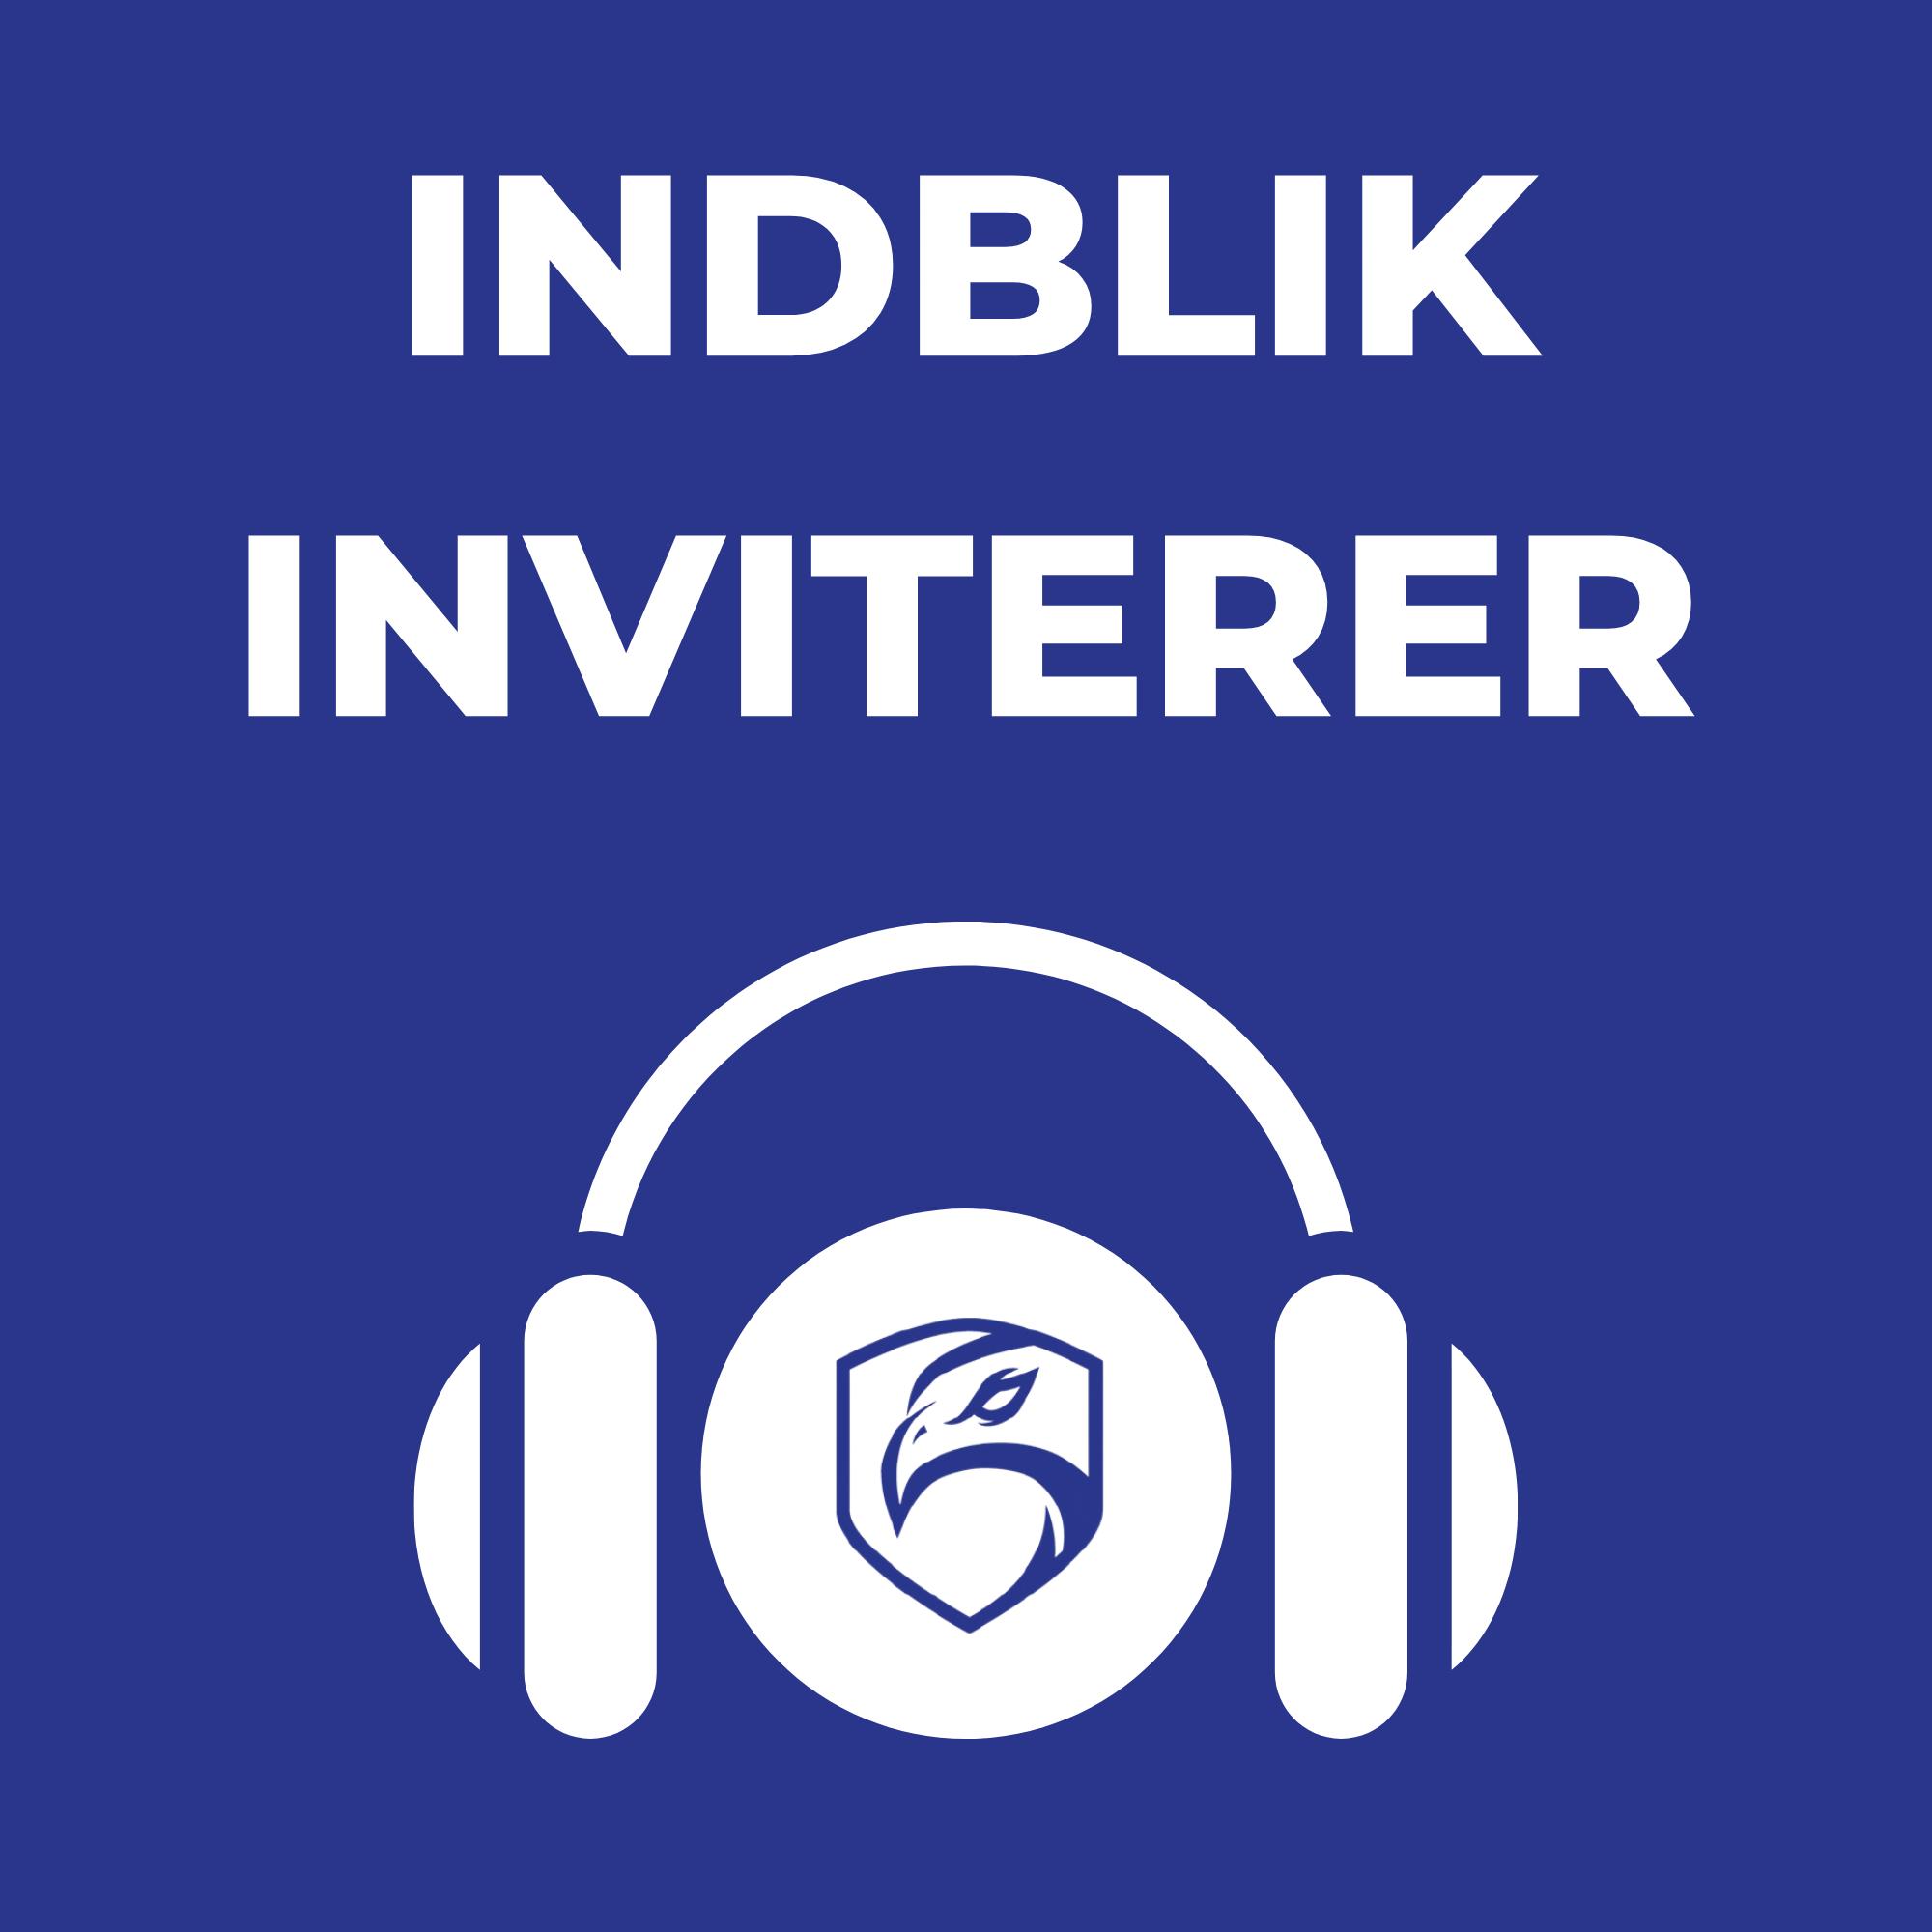 Show artwork for Indblik Inviterer